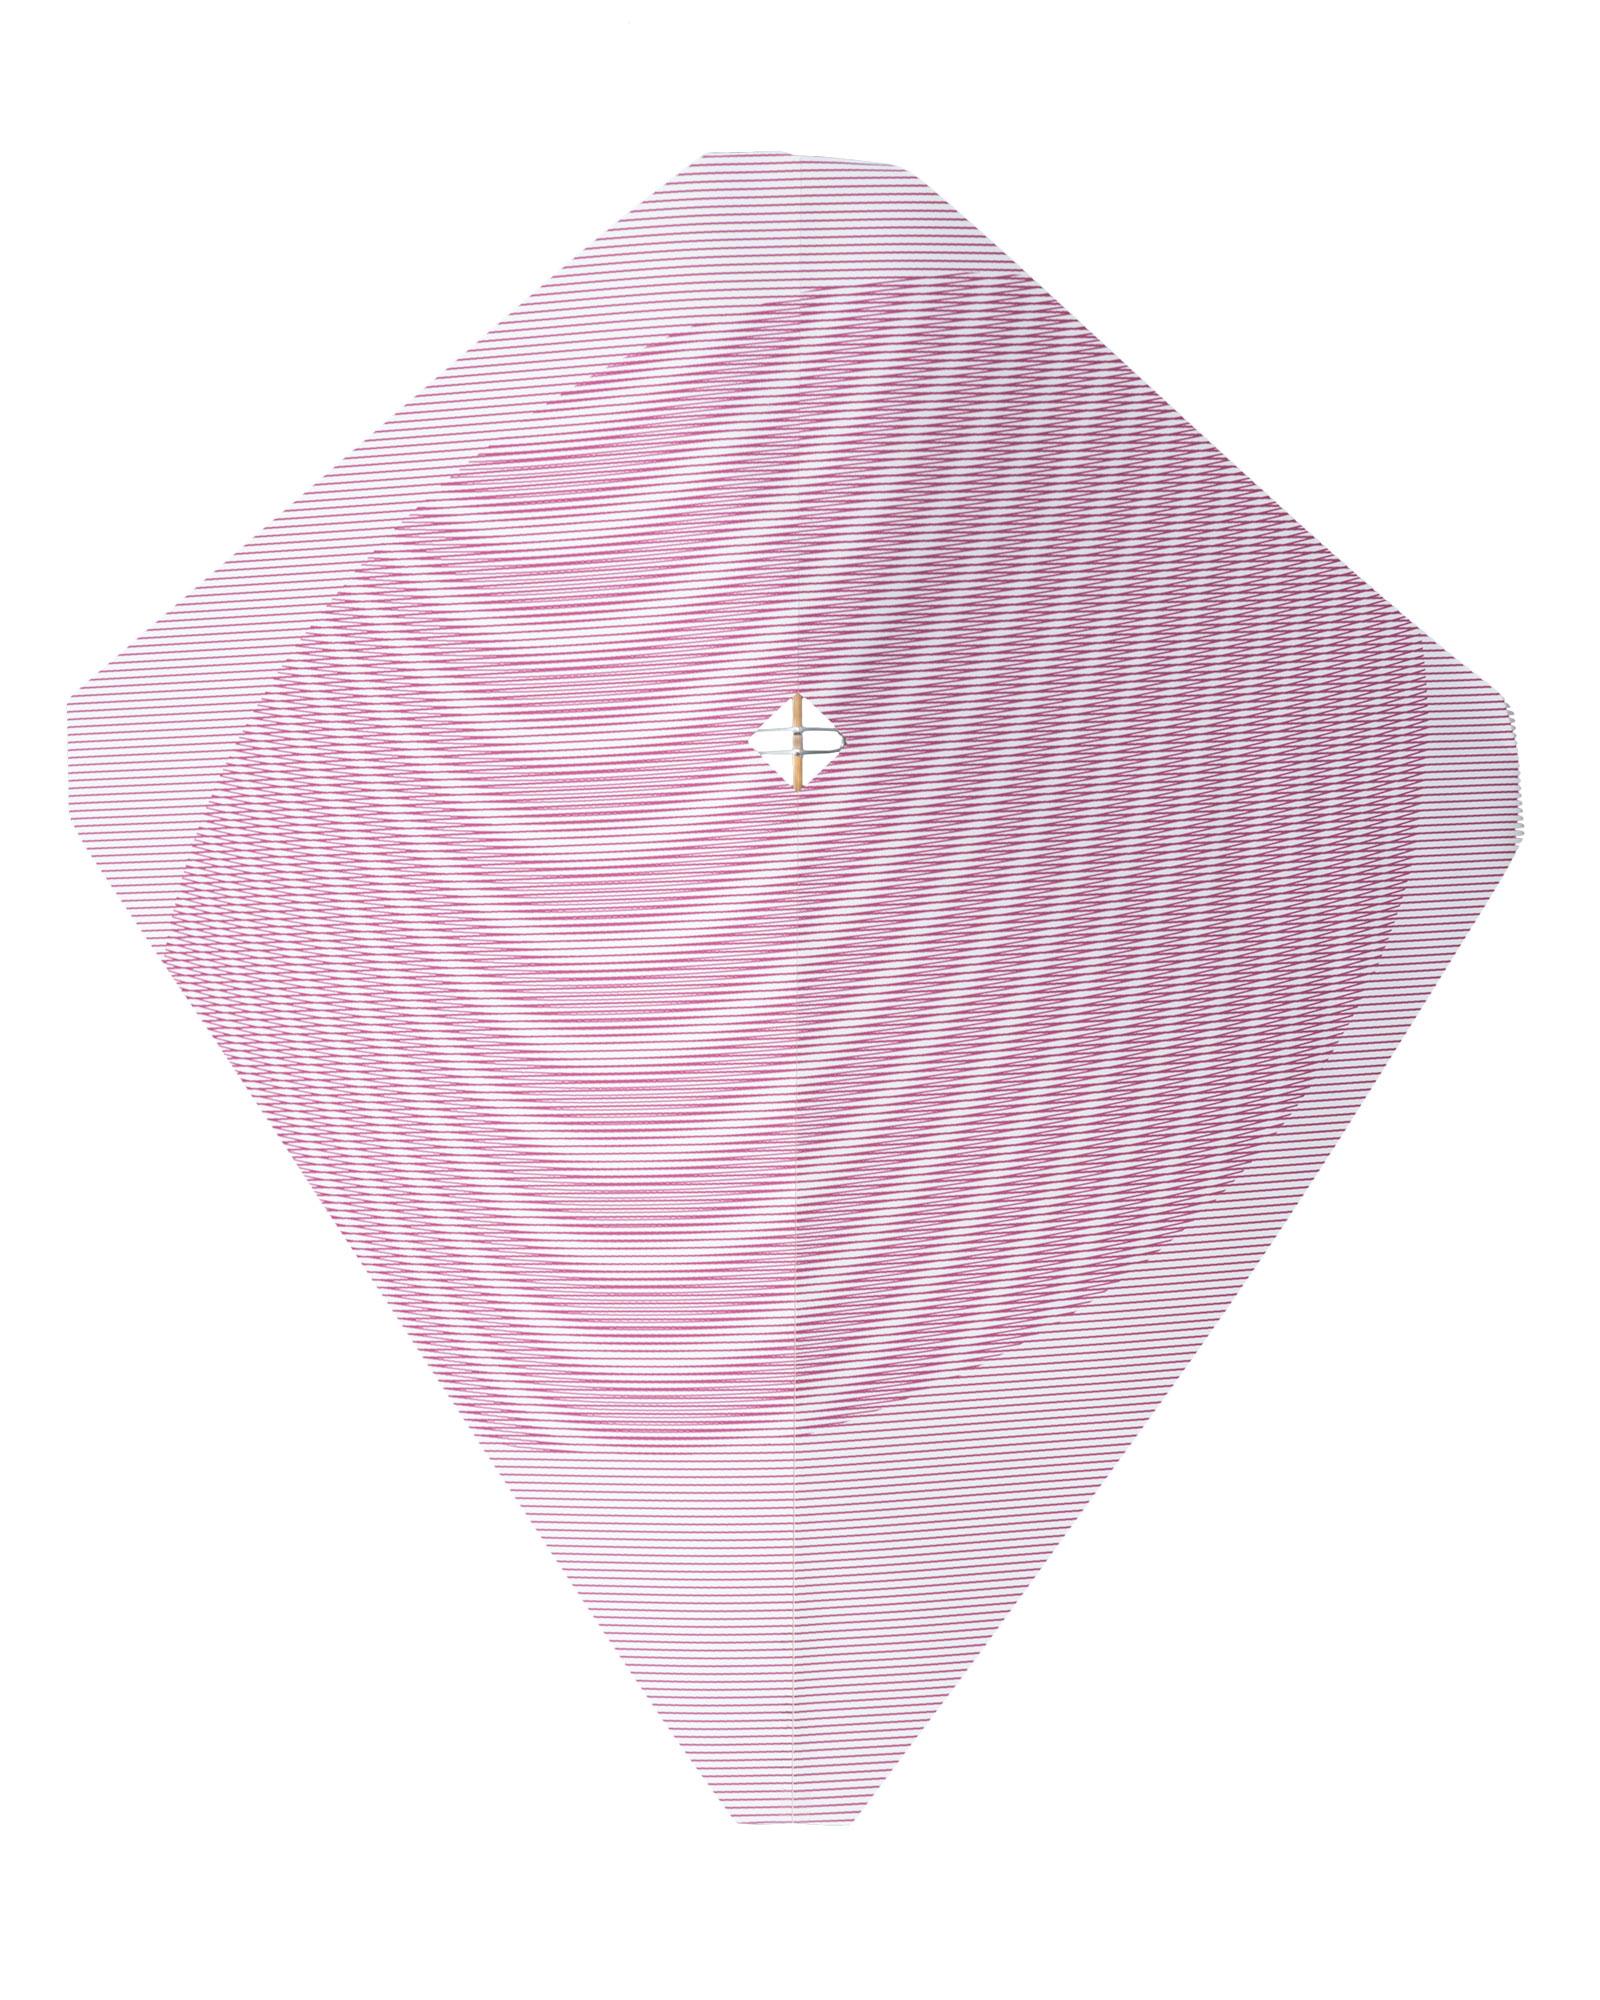 diamond kite kit - Eddy Kite